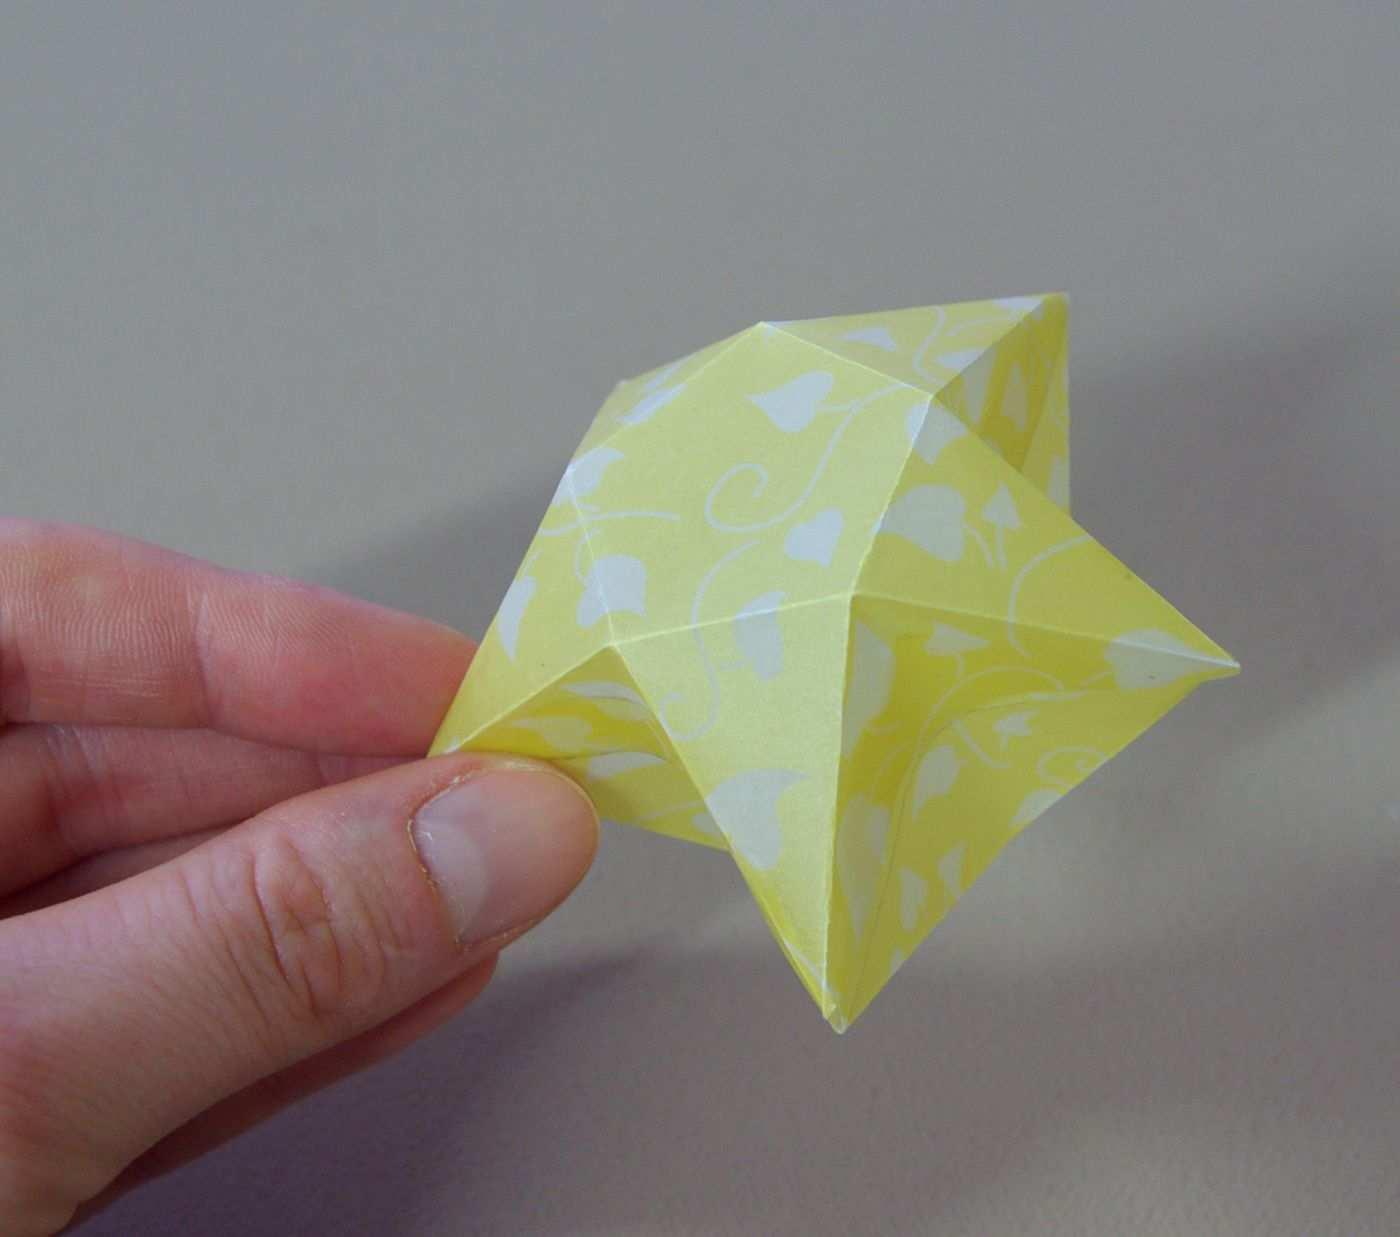 Origami Sterne 3d Falten Faltanleitung Lichterkette Basteln Sterne Selber Machen Anleitung Diy Kostenl Origami Stern Falten Origami Sterne Lichterkette Basteln